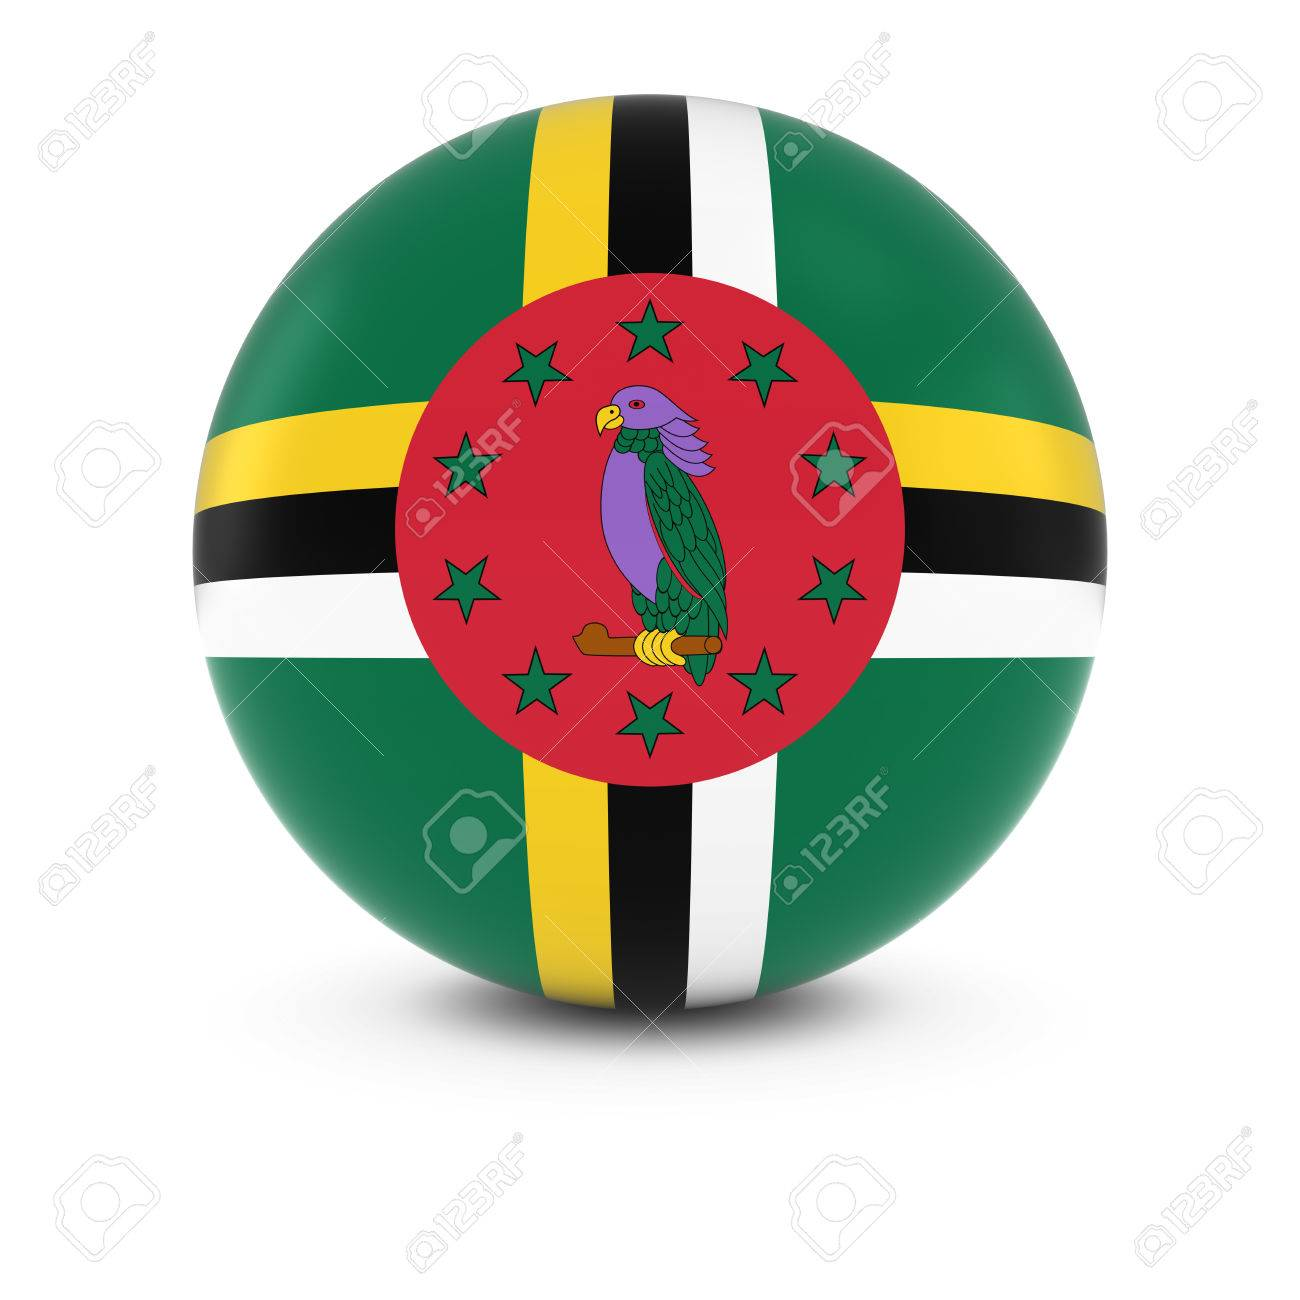 ドミニカ 共和国 国旗